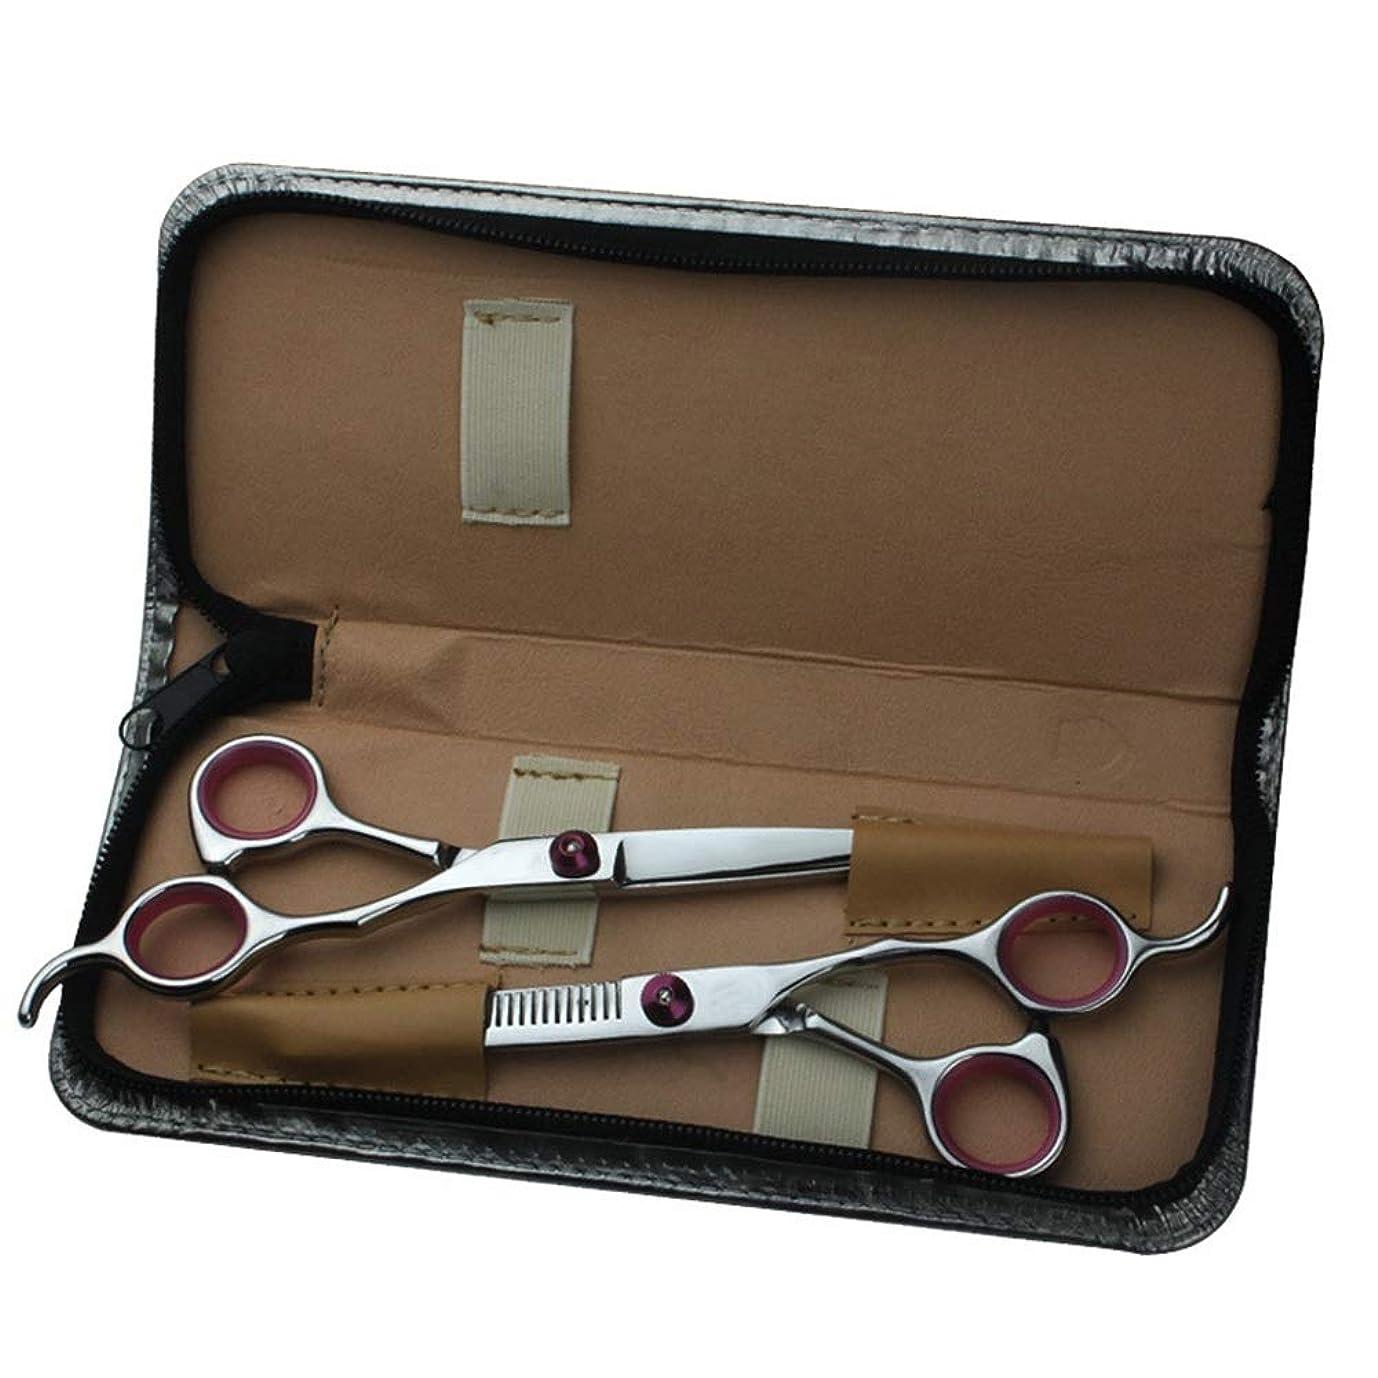 豊かな軸極貧6インチ家族DIY理髪はさみセット、プロのヘアカット美容ツールセット モデリングツール (色 : レッド)